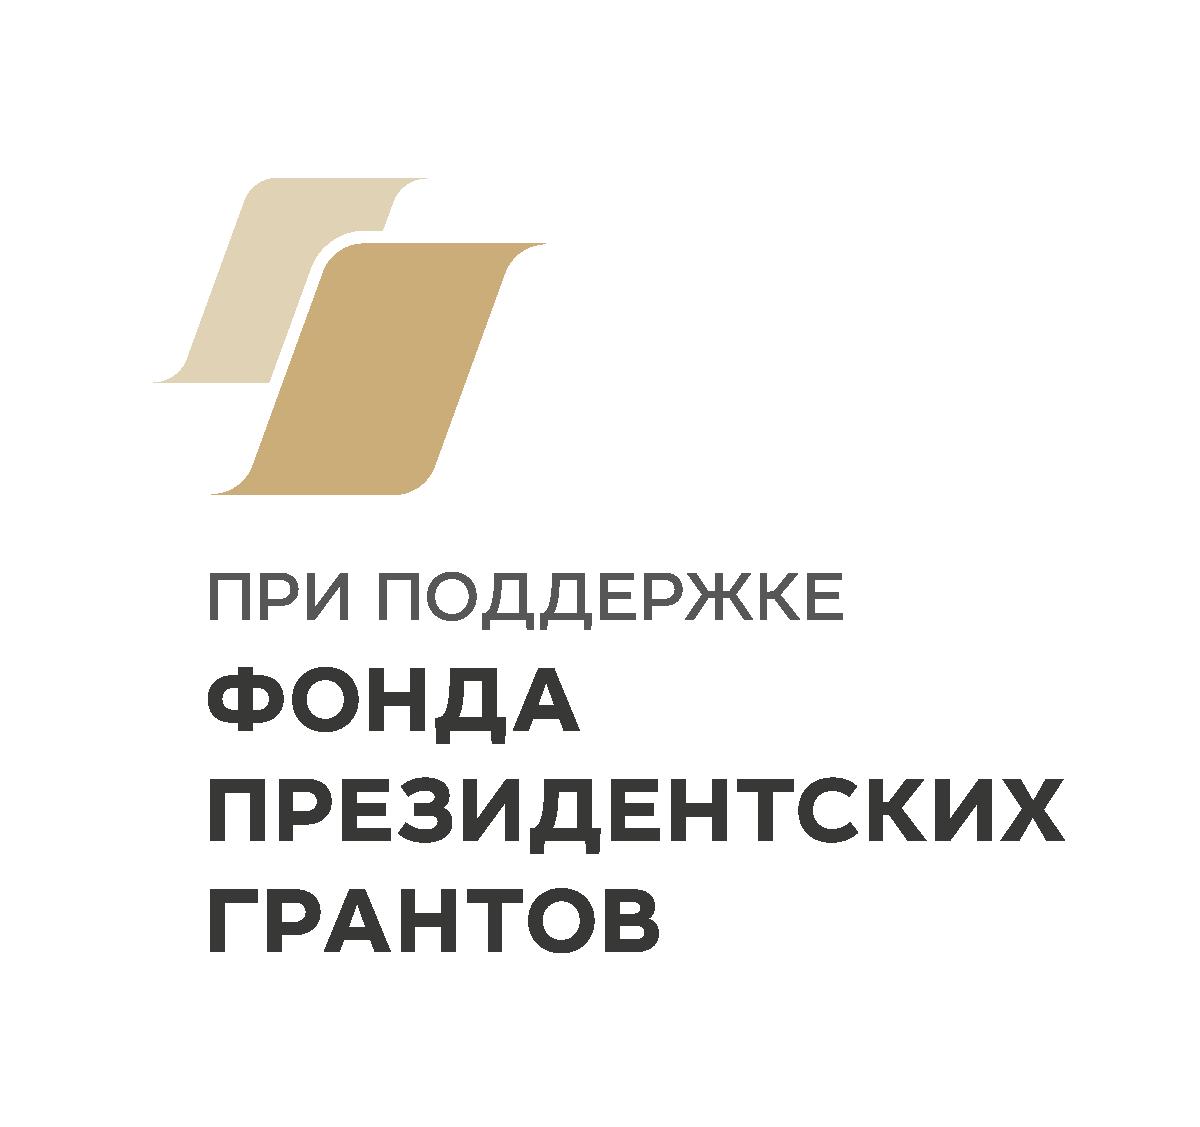 Проект реализуется с использованием гранта Президента Российской Федерации на развитие гражданского общества, предоставленного Фондом президентских грантов